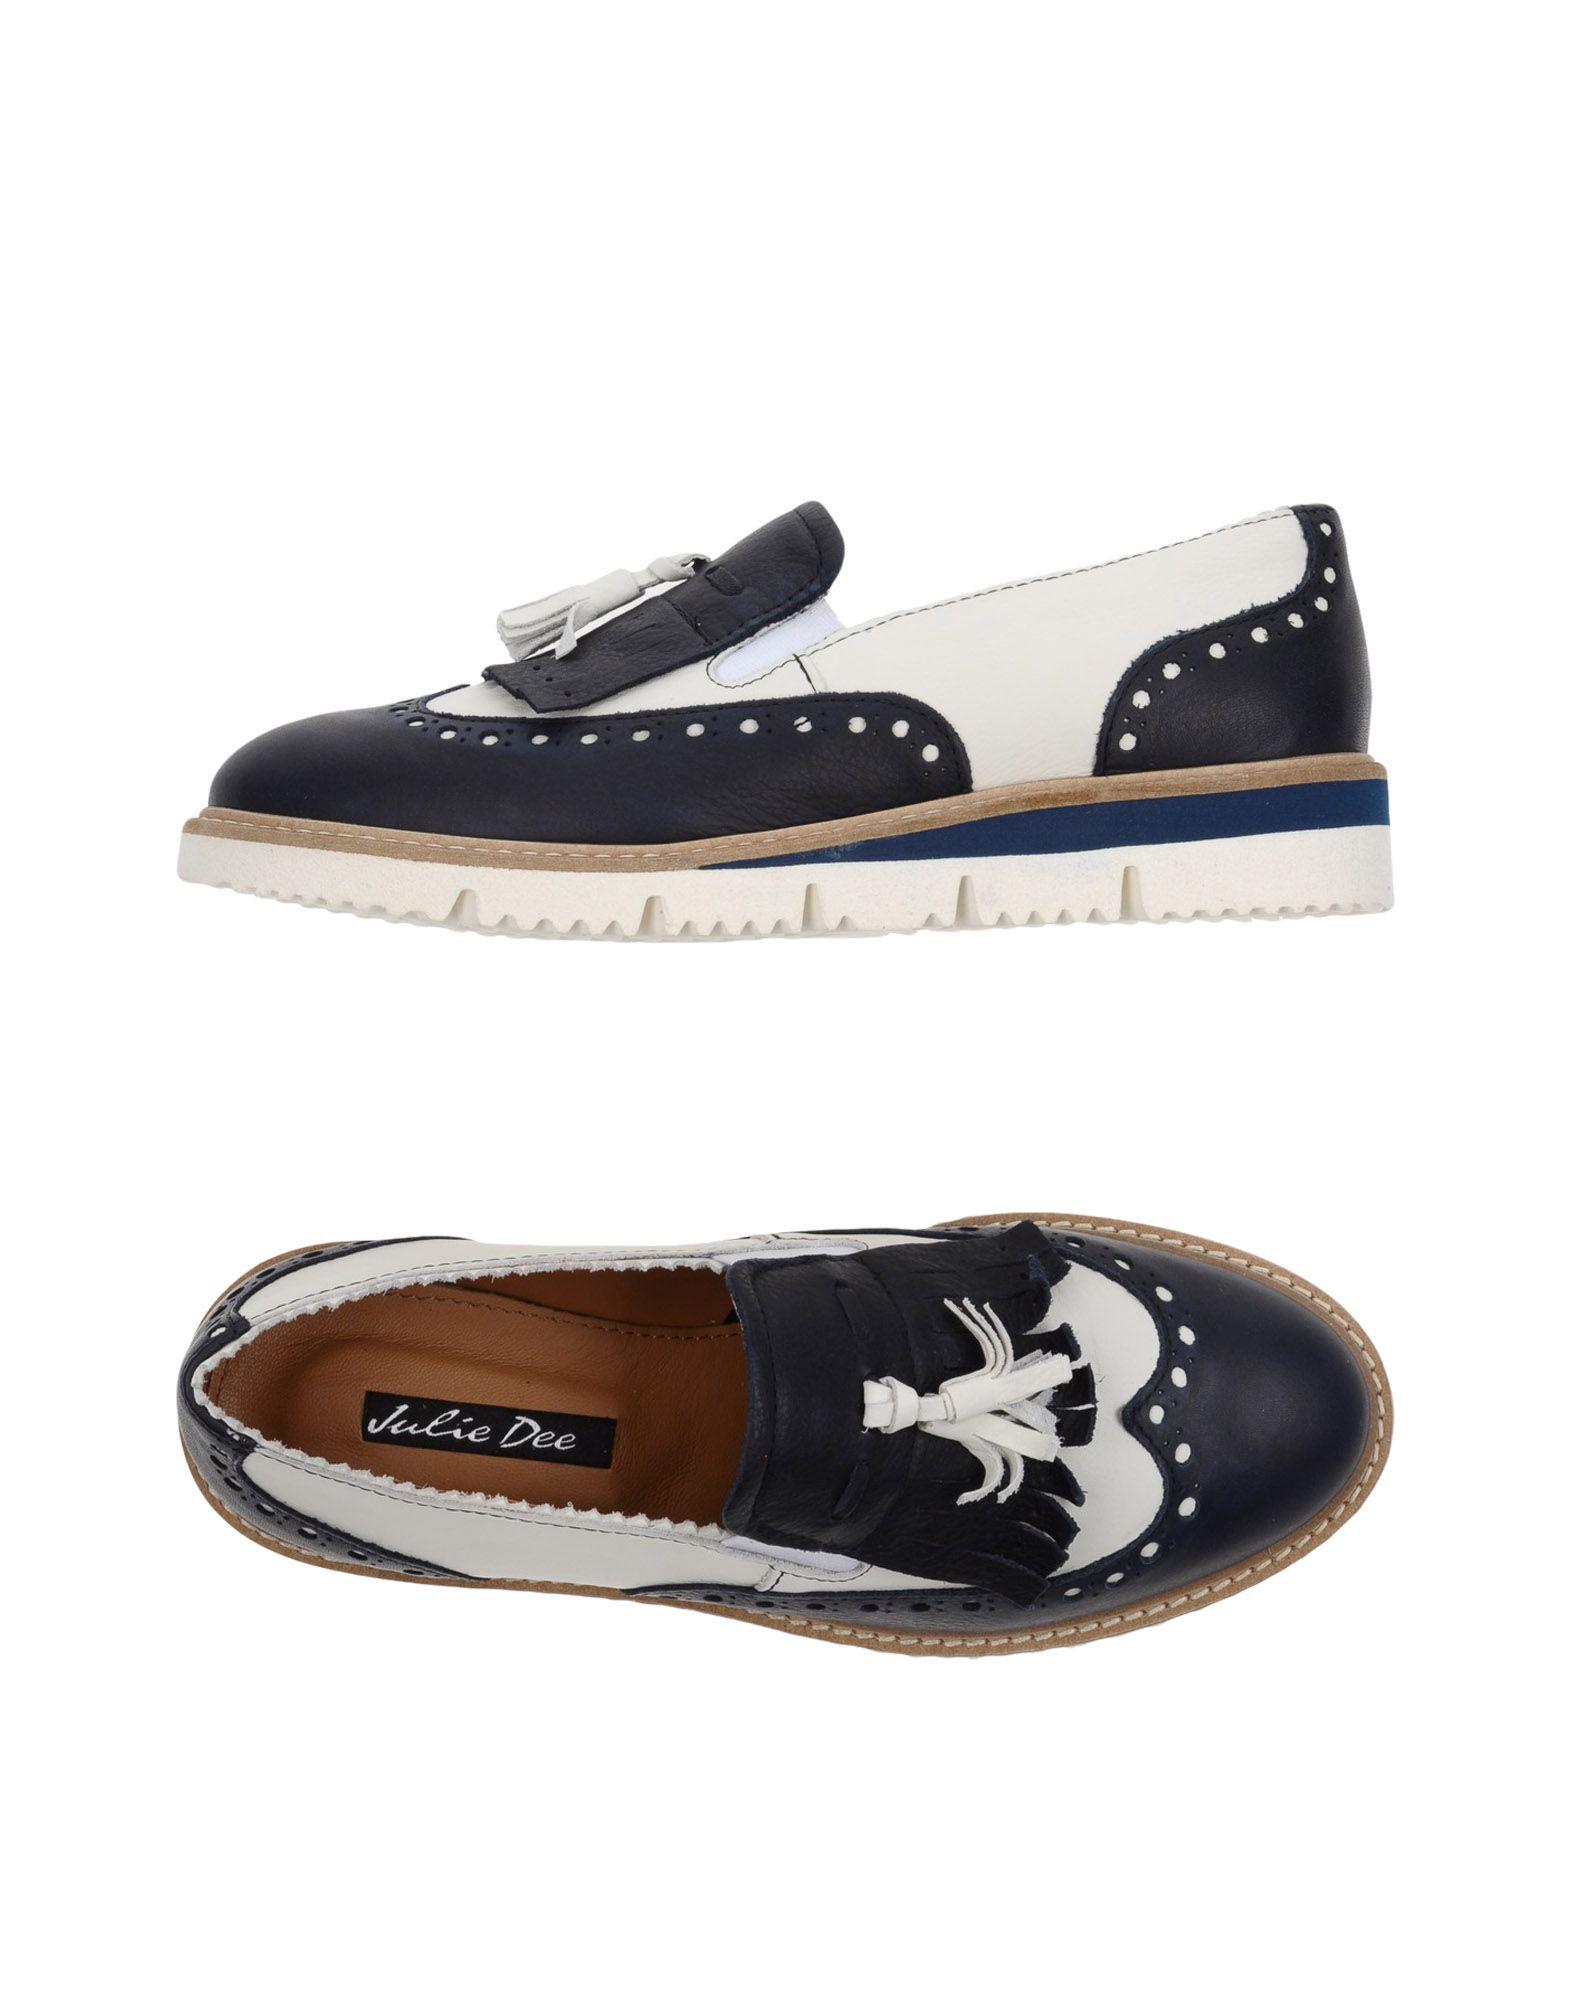 цены на J|D JULIE DEE Обувь на шнурках в интернет-магазинах